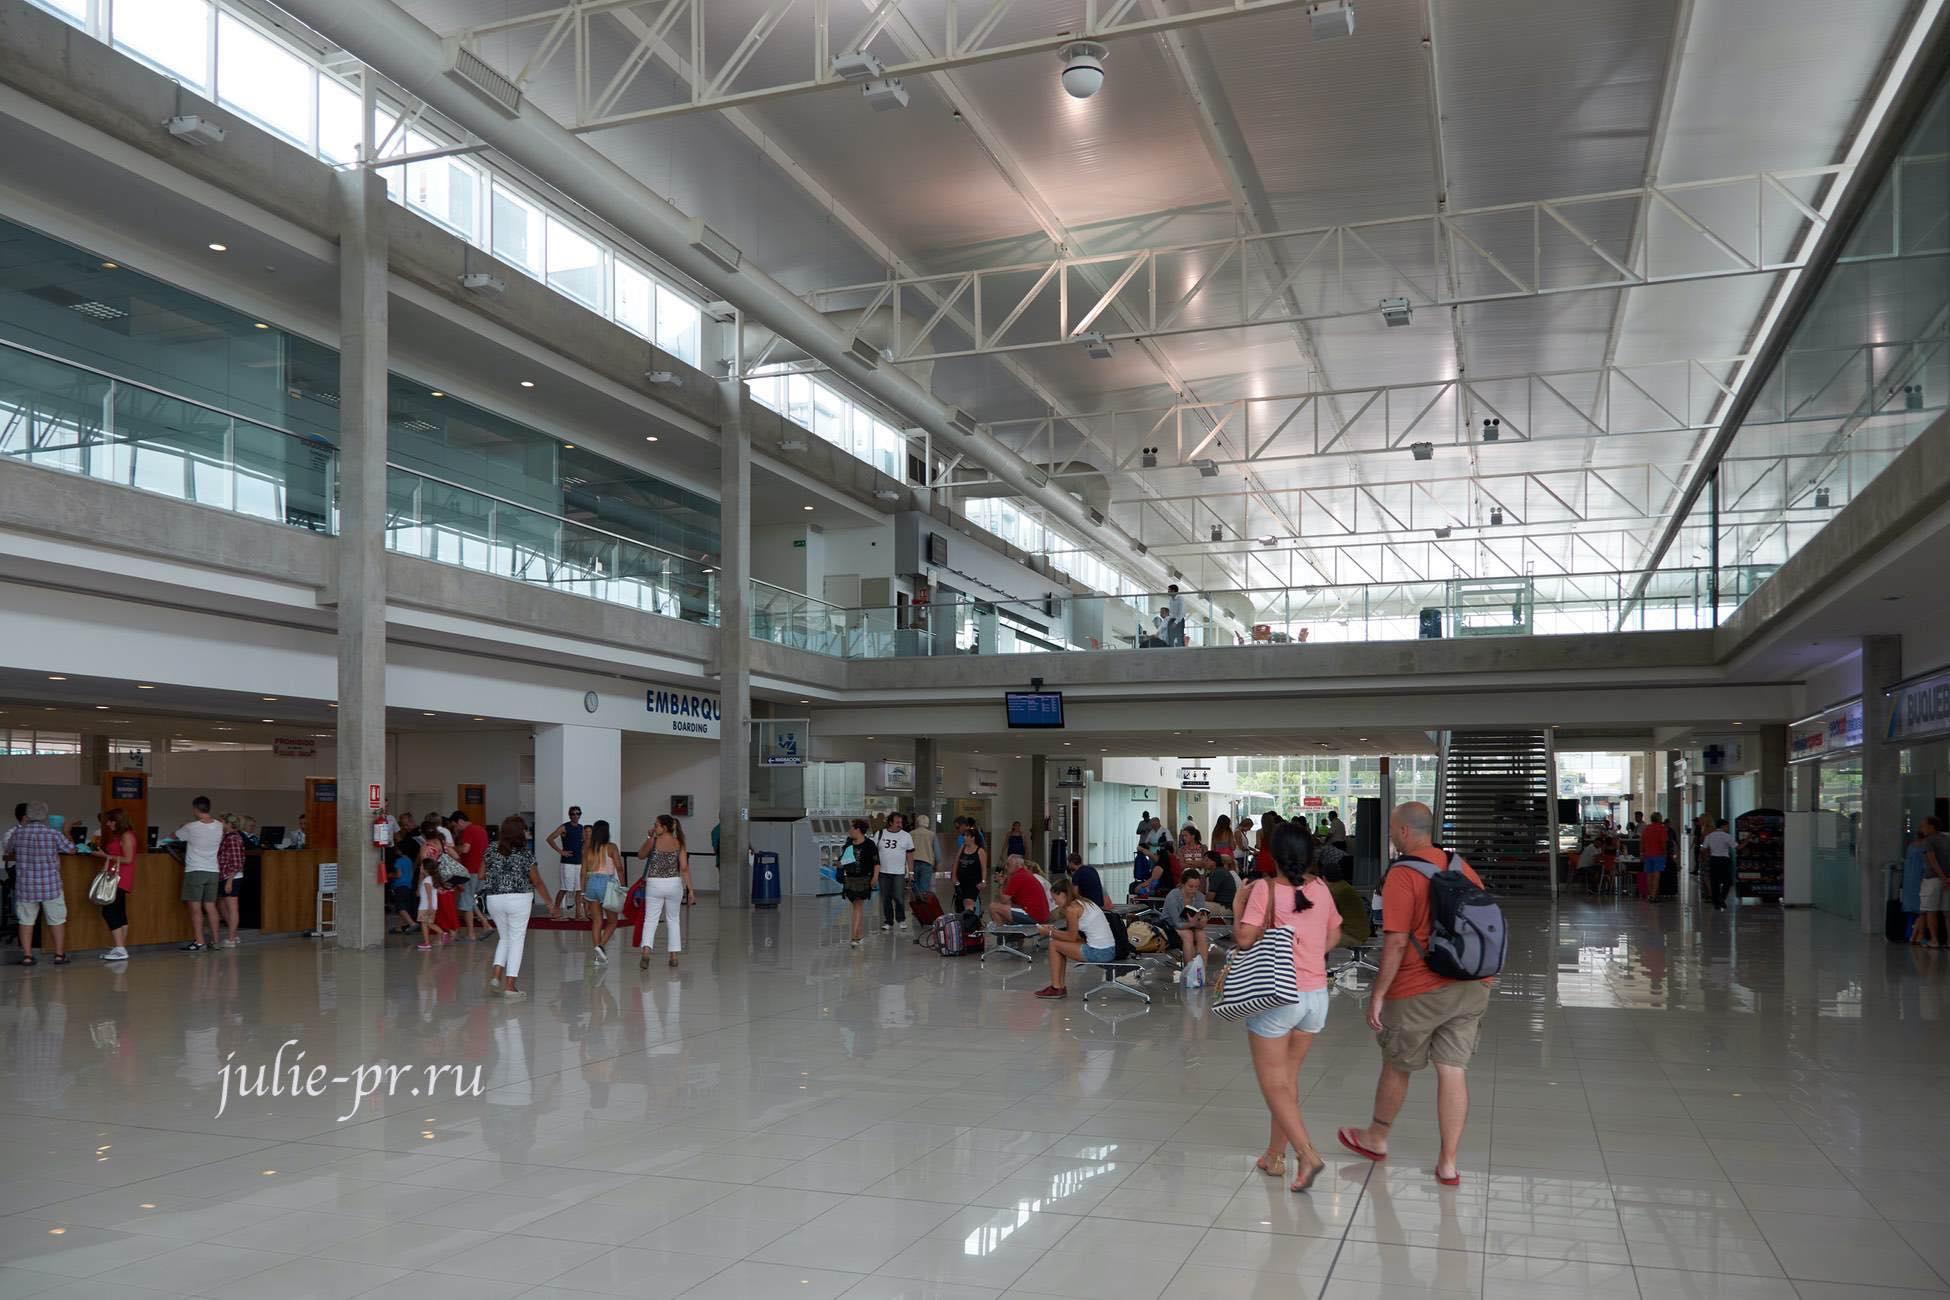 Уругвай, Колония-дель-Сакраменто, паромный терминал